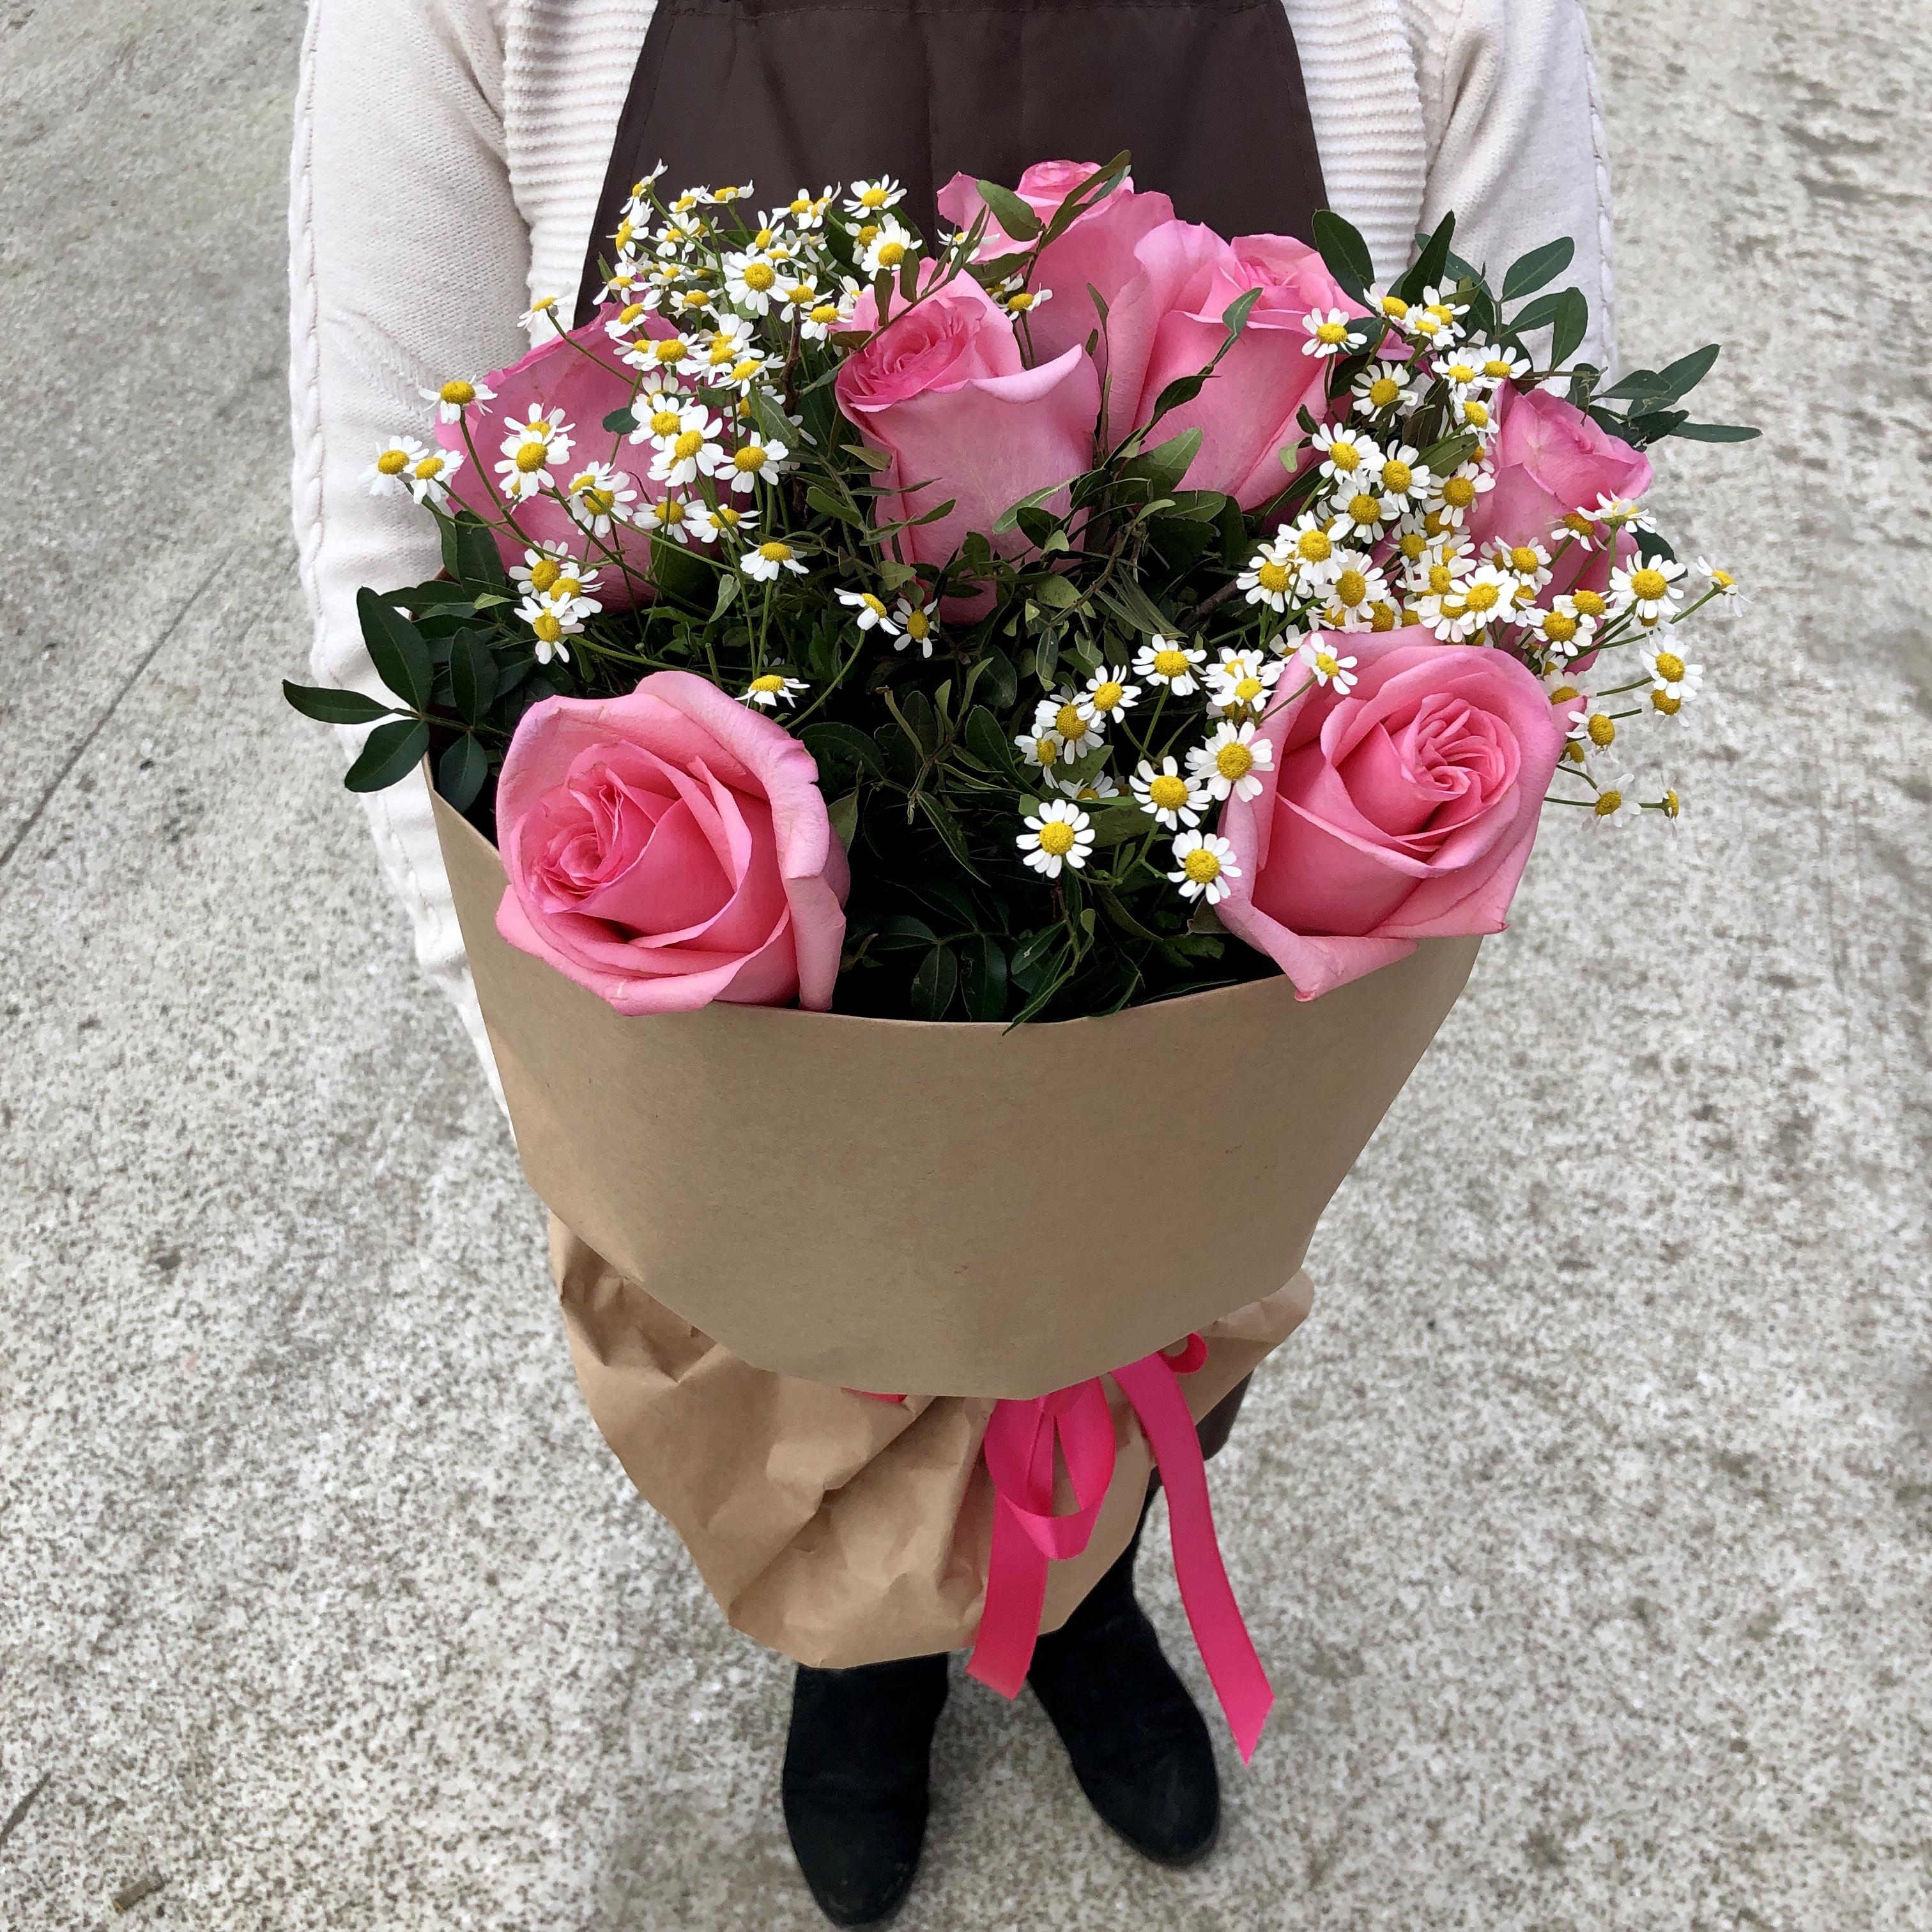 Срочная доставка цветов ночью киеву. оригинальные букеты. скидки. київ, свадебный букет